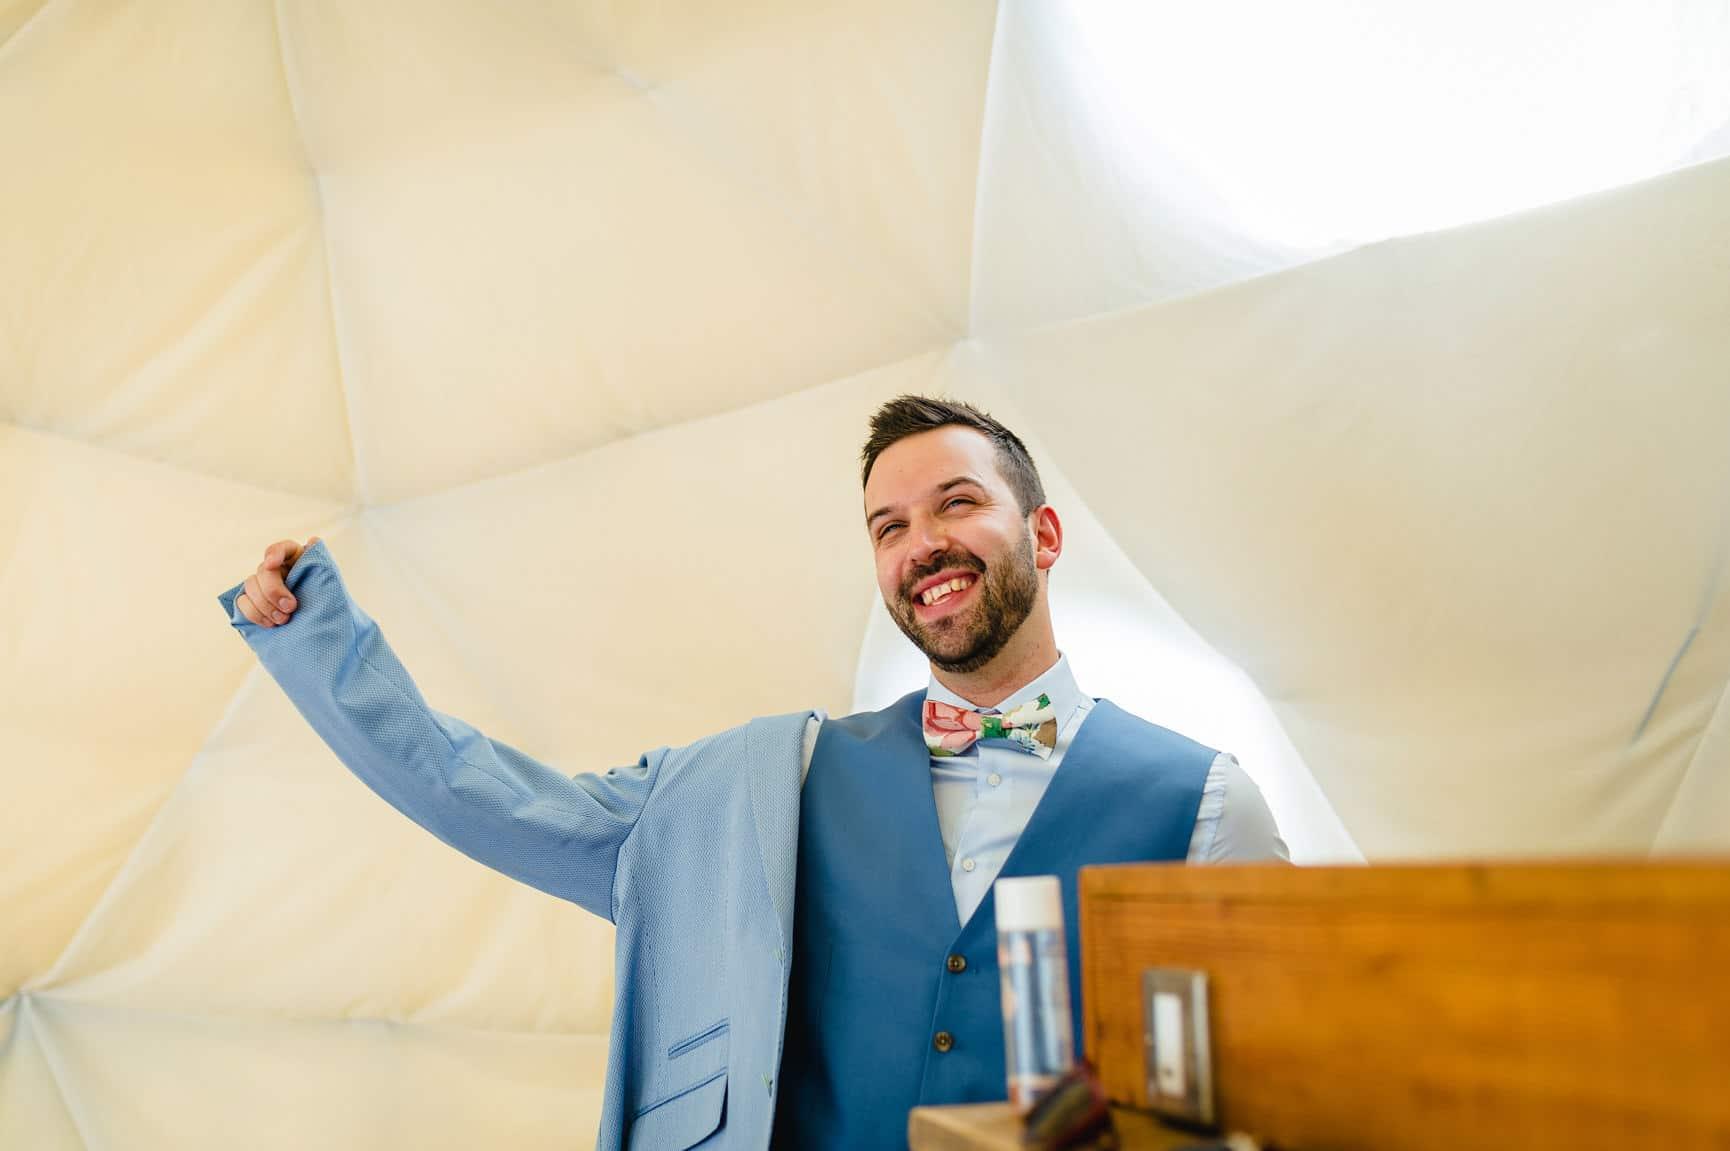 Fforest Wedding, Cardigan, Wales - Lauren and Gareth 22